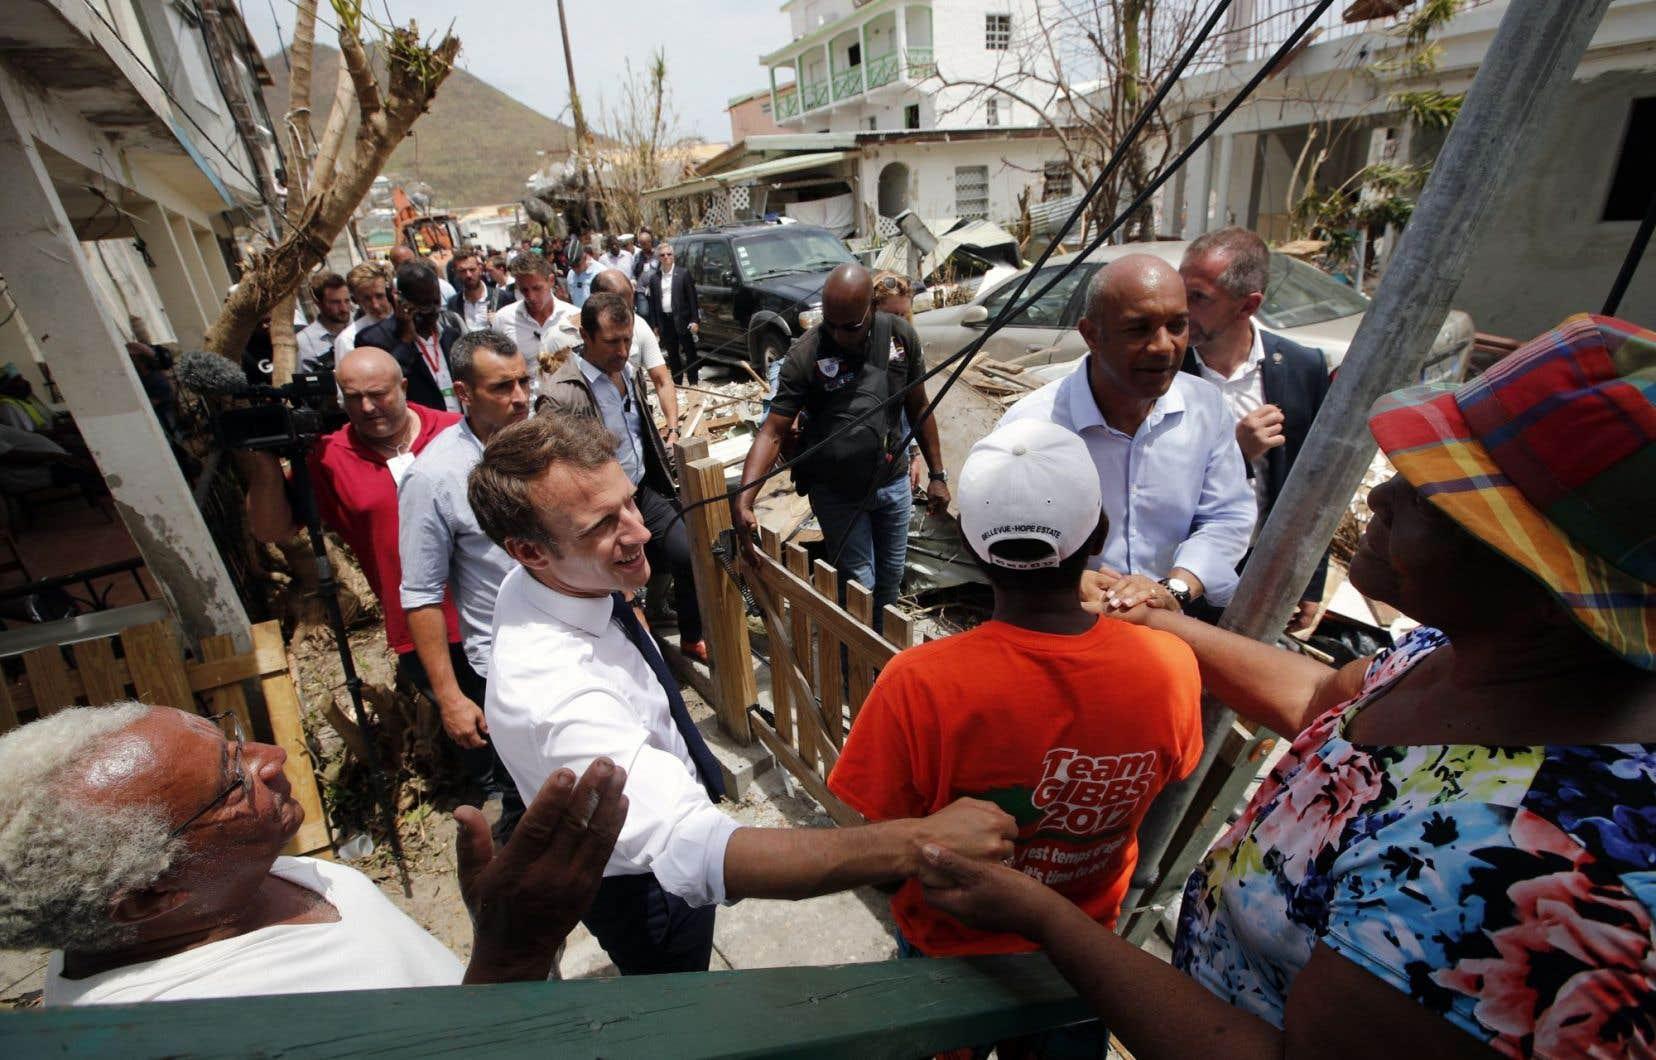 Le président français Emmanuel Macron a rencontré des sinistrés dans les rues de Saint-Martin, mardi.